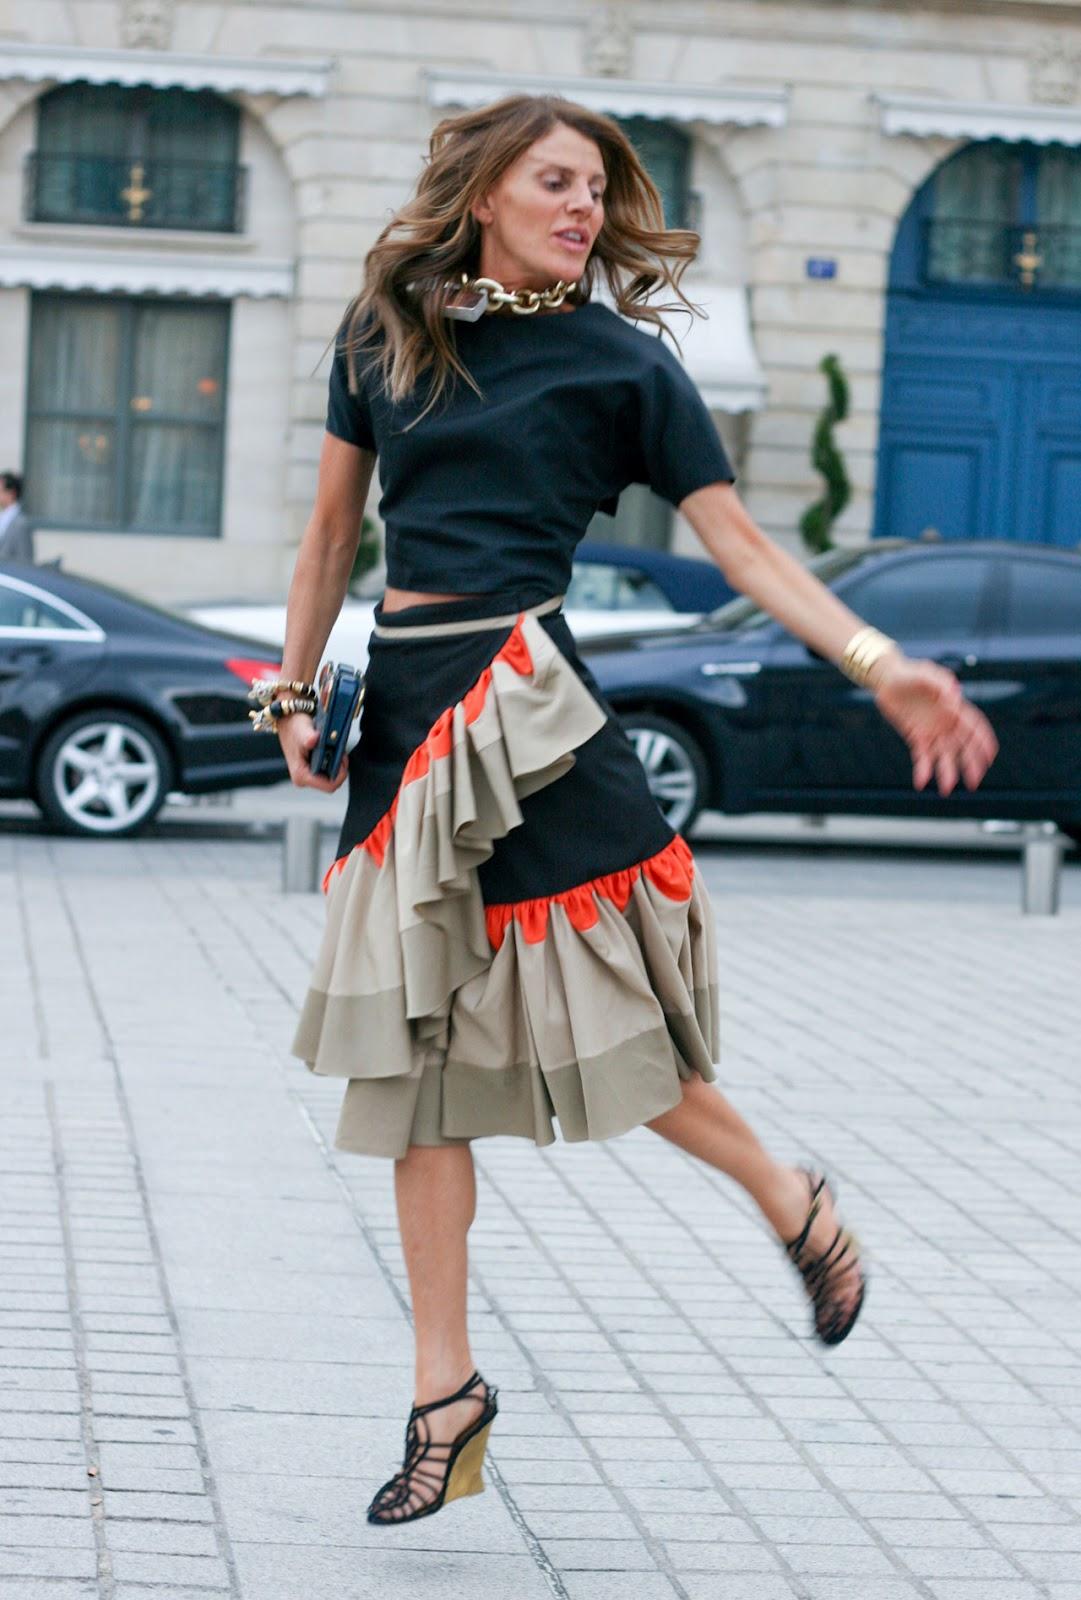 http://1.bp.blogspot.com/-jfRNAxsGXJM/T6OsXBBSisI/AAAAAAAAE0c/gFkKDQDiDhs/s1600/Anna-Dello-Russo-Paris-YSL-122.jpg